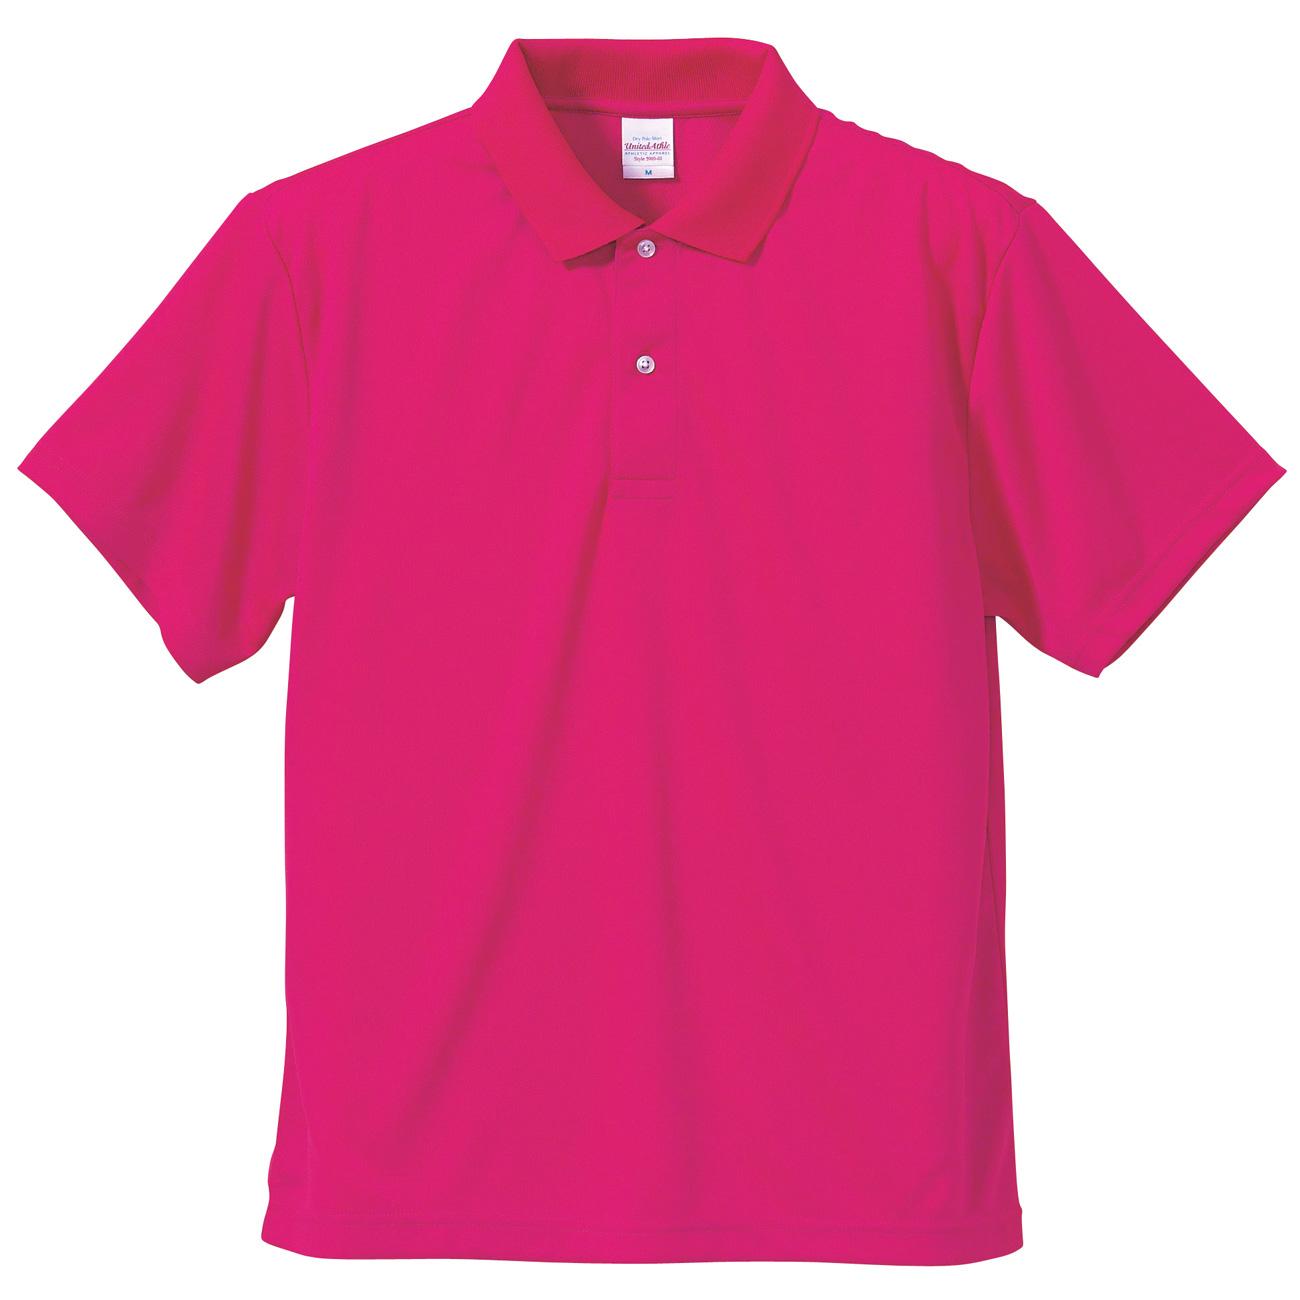 ソフトドライポロシャツ